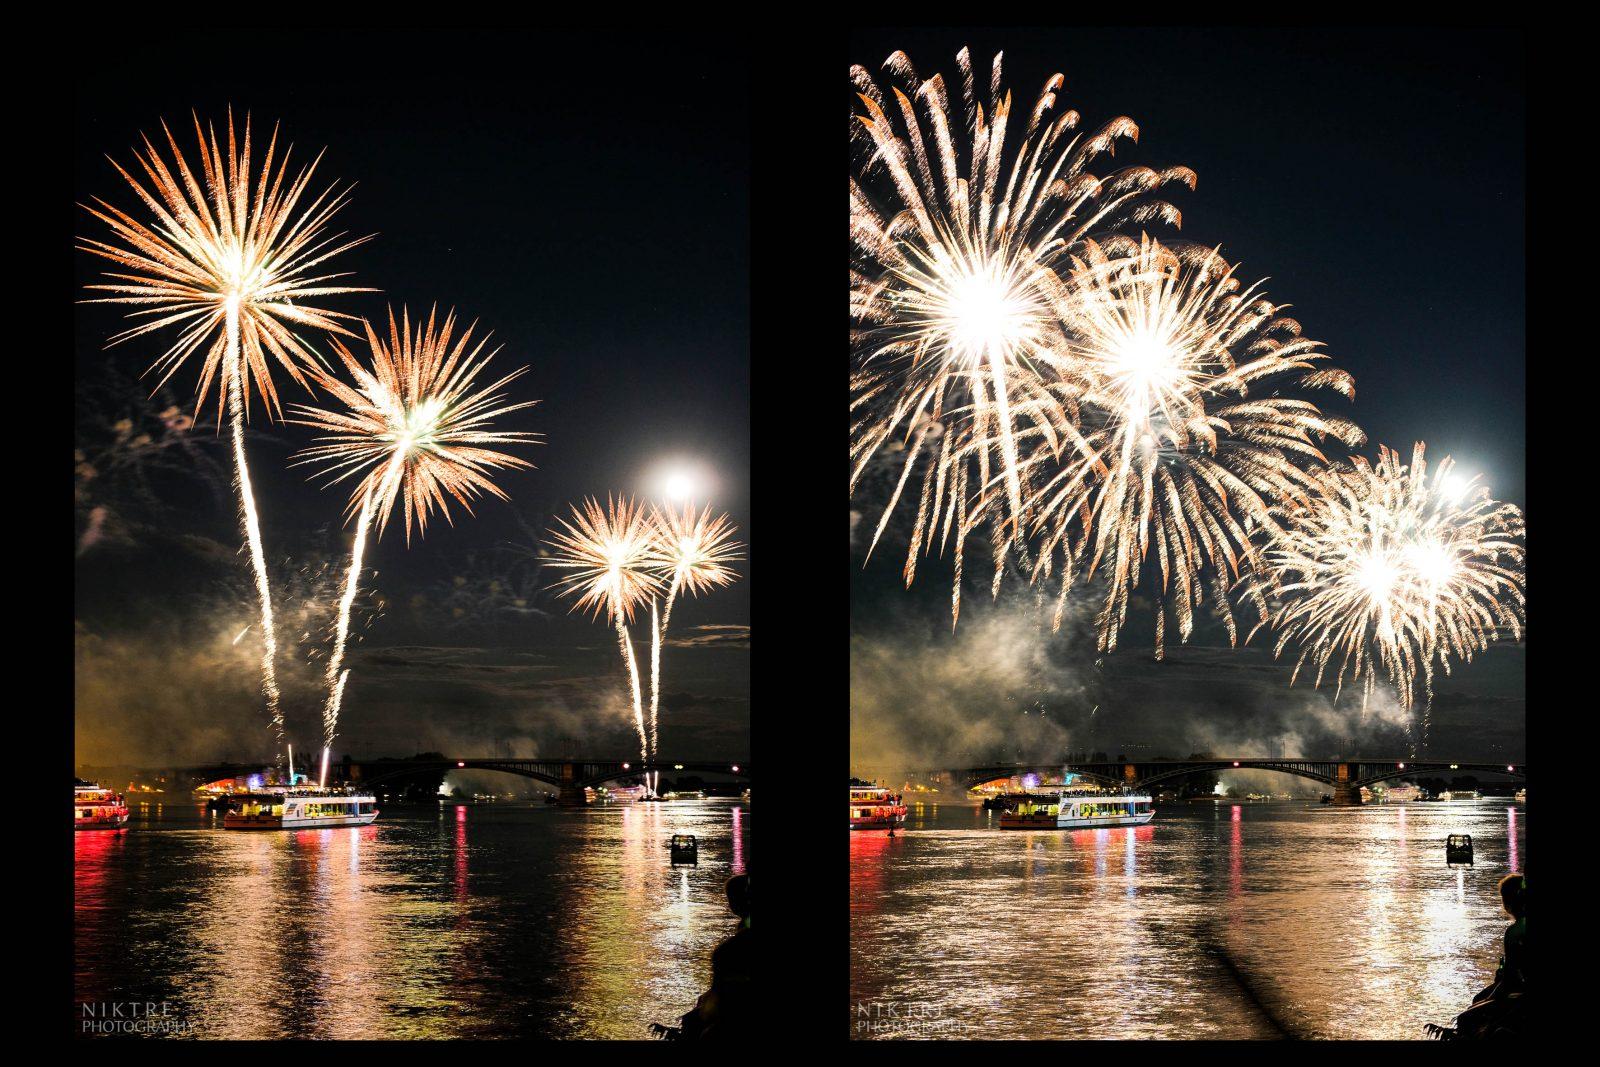 Das Feuerwerk am Rheinufer